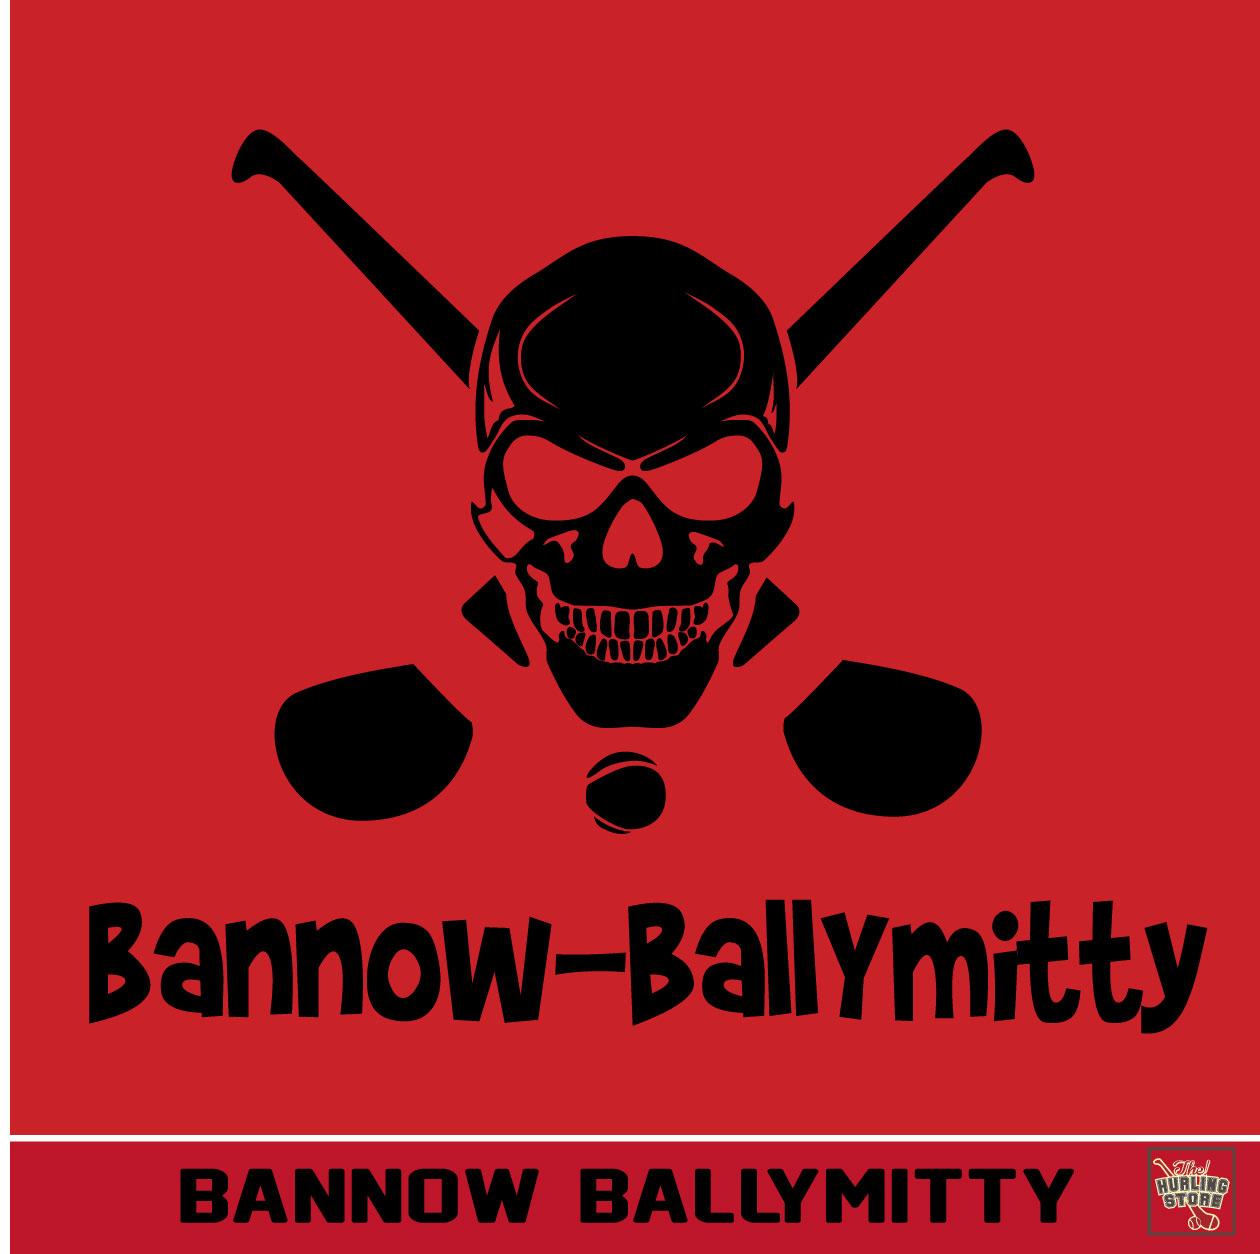 Bannow Ballymitty